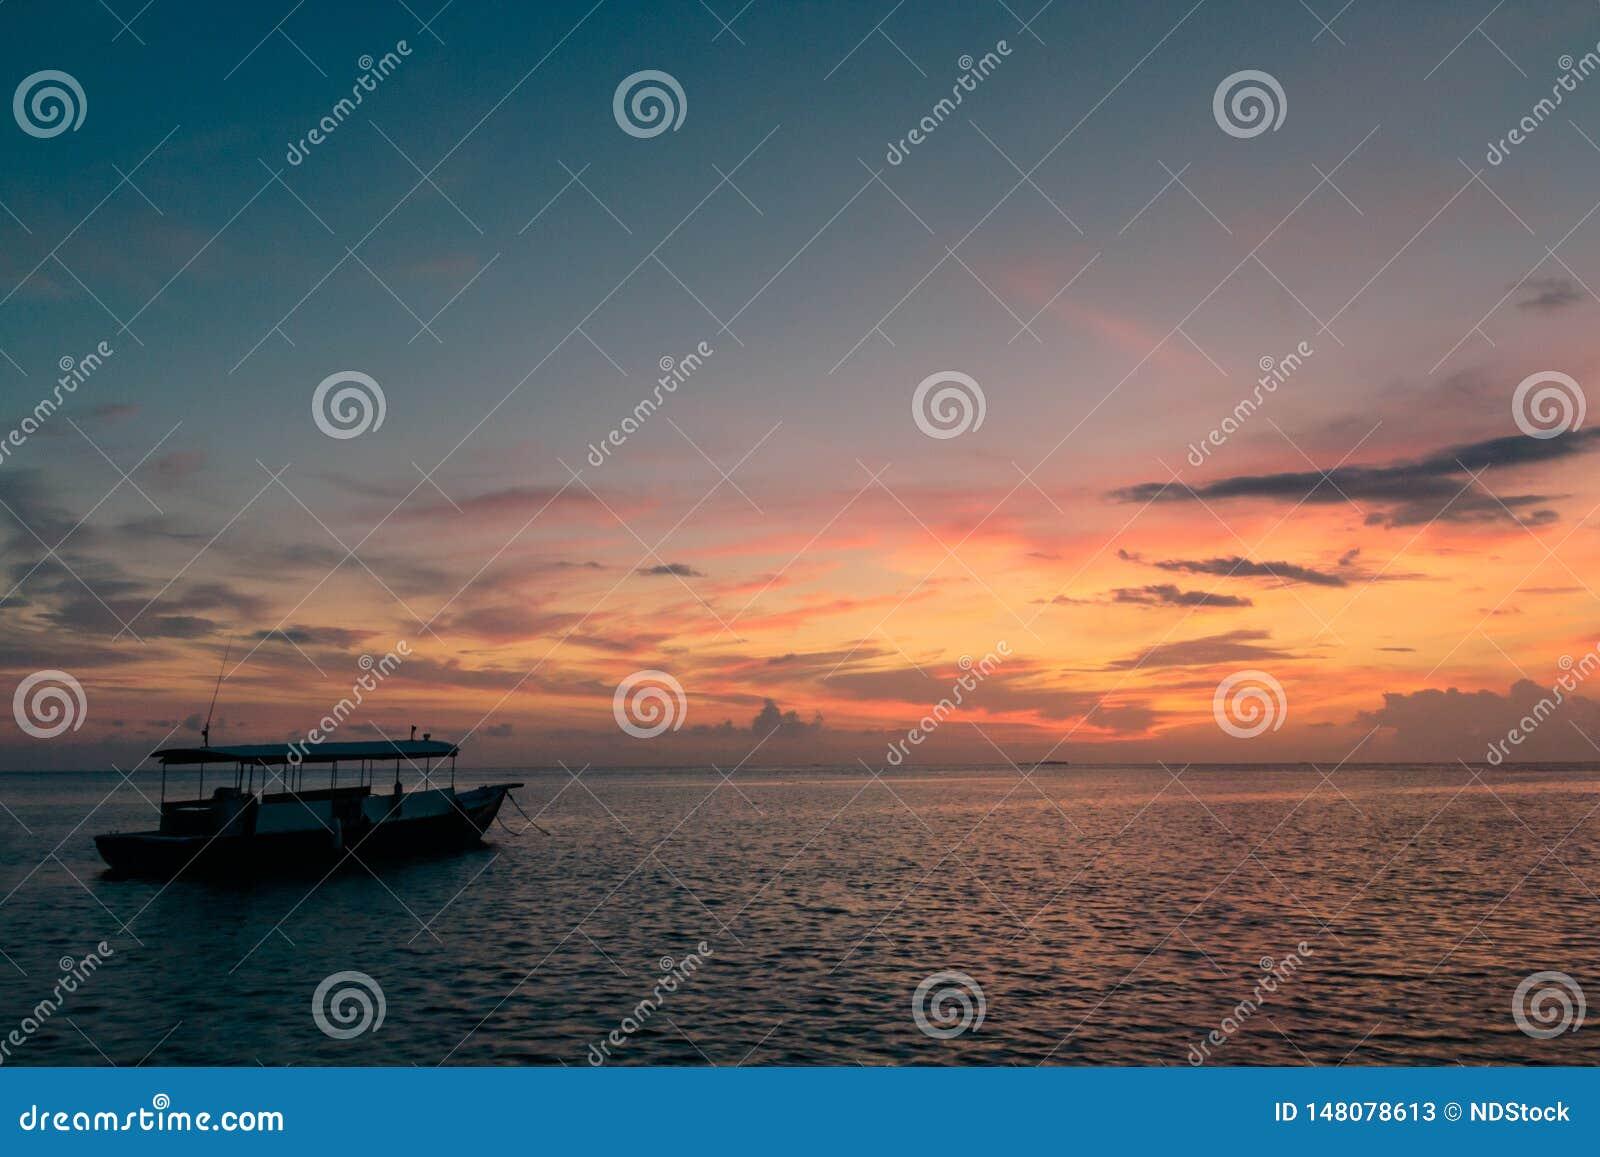 Kleurrijke zonsondergangbezinning over een bewolkte hemel en een overzees weinig boot op de oceaan